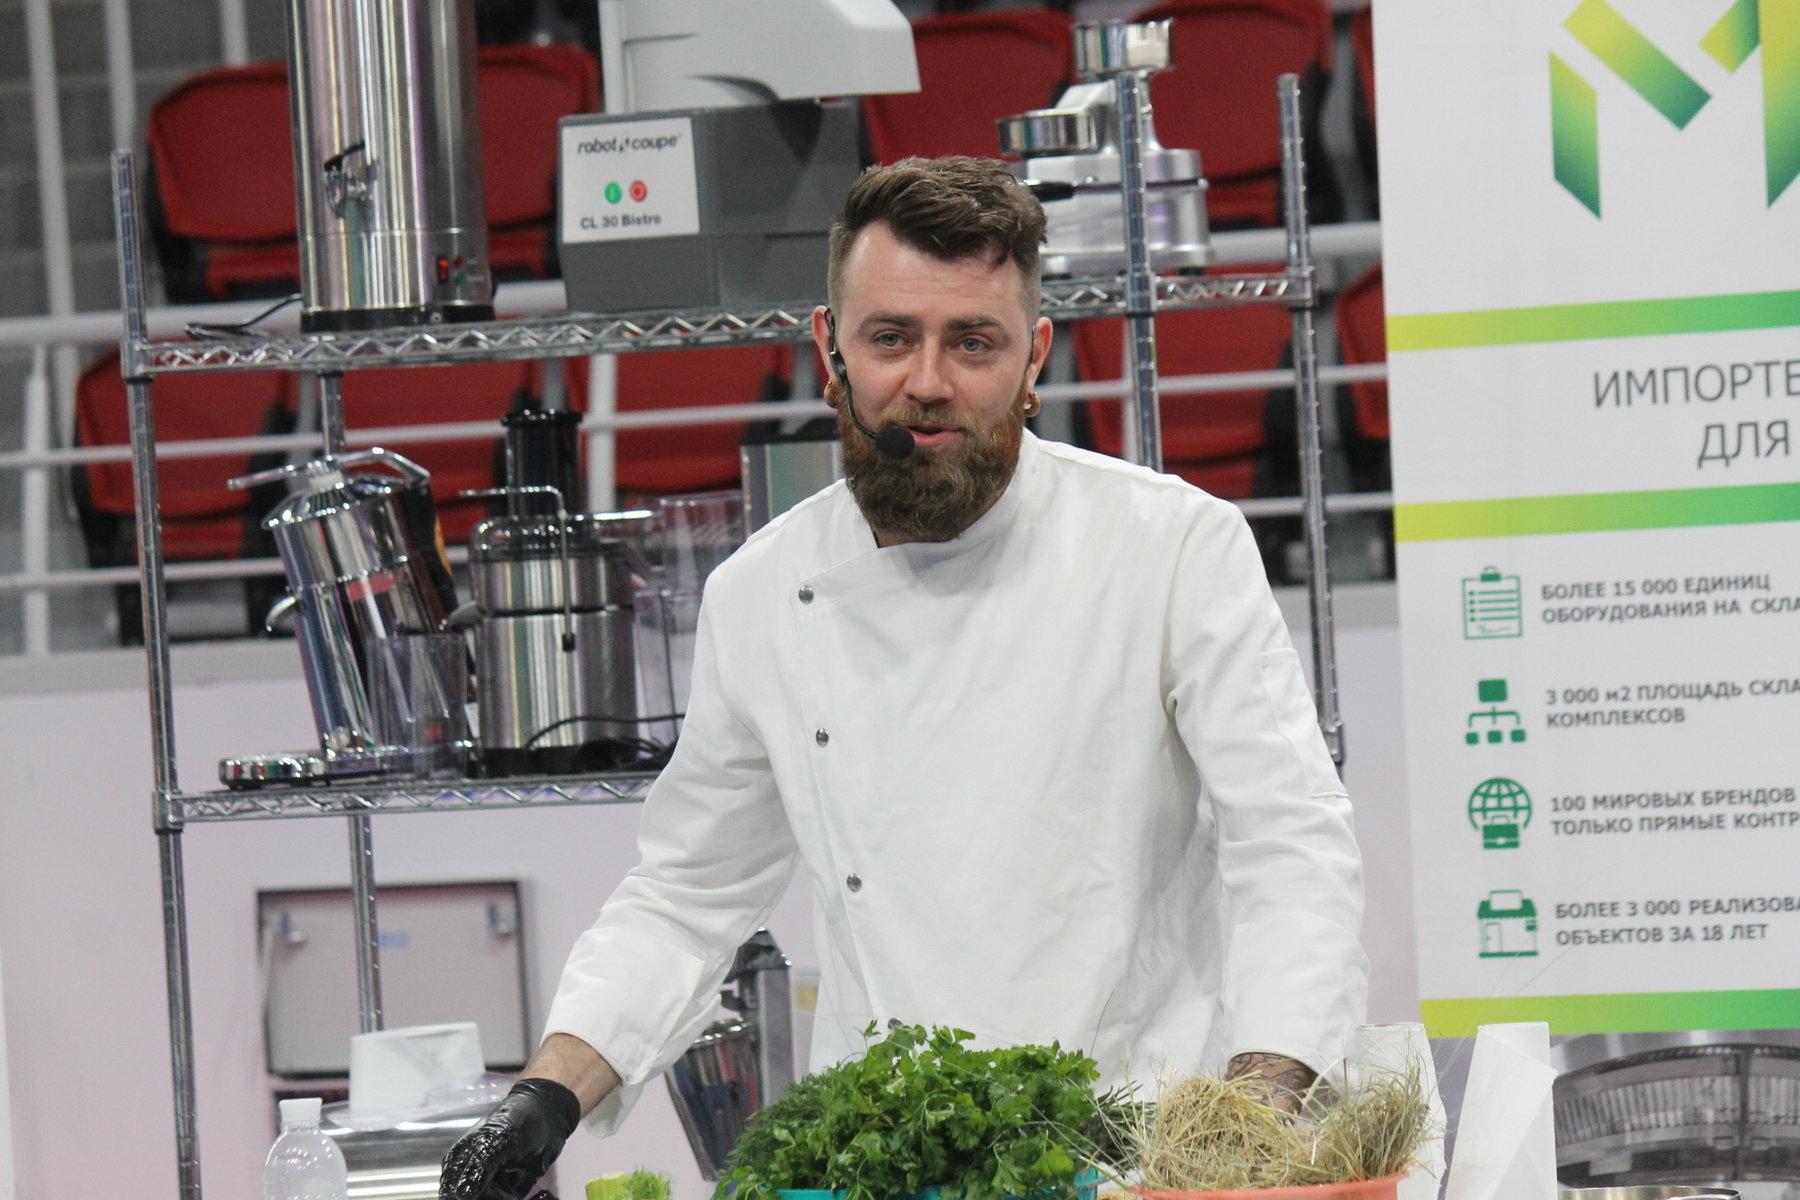 Судья МастерШеф провел кулинарный мастер-класс на запорожском туристическом форуме, – ФОТОРЕПОРТАЖ